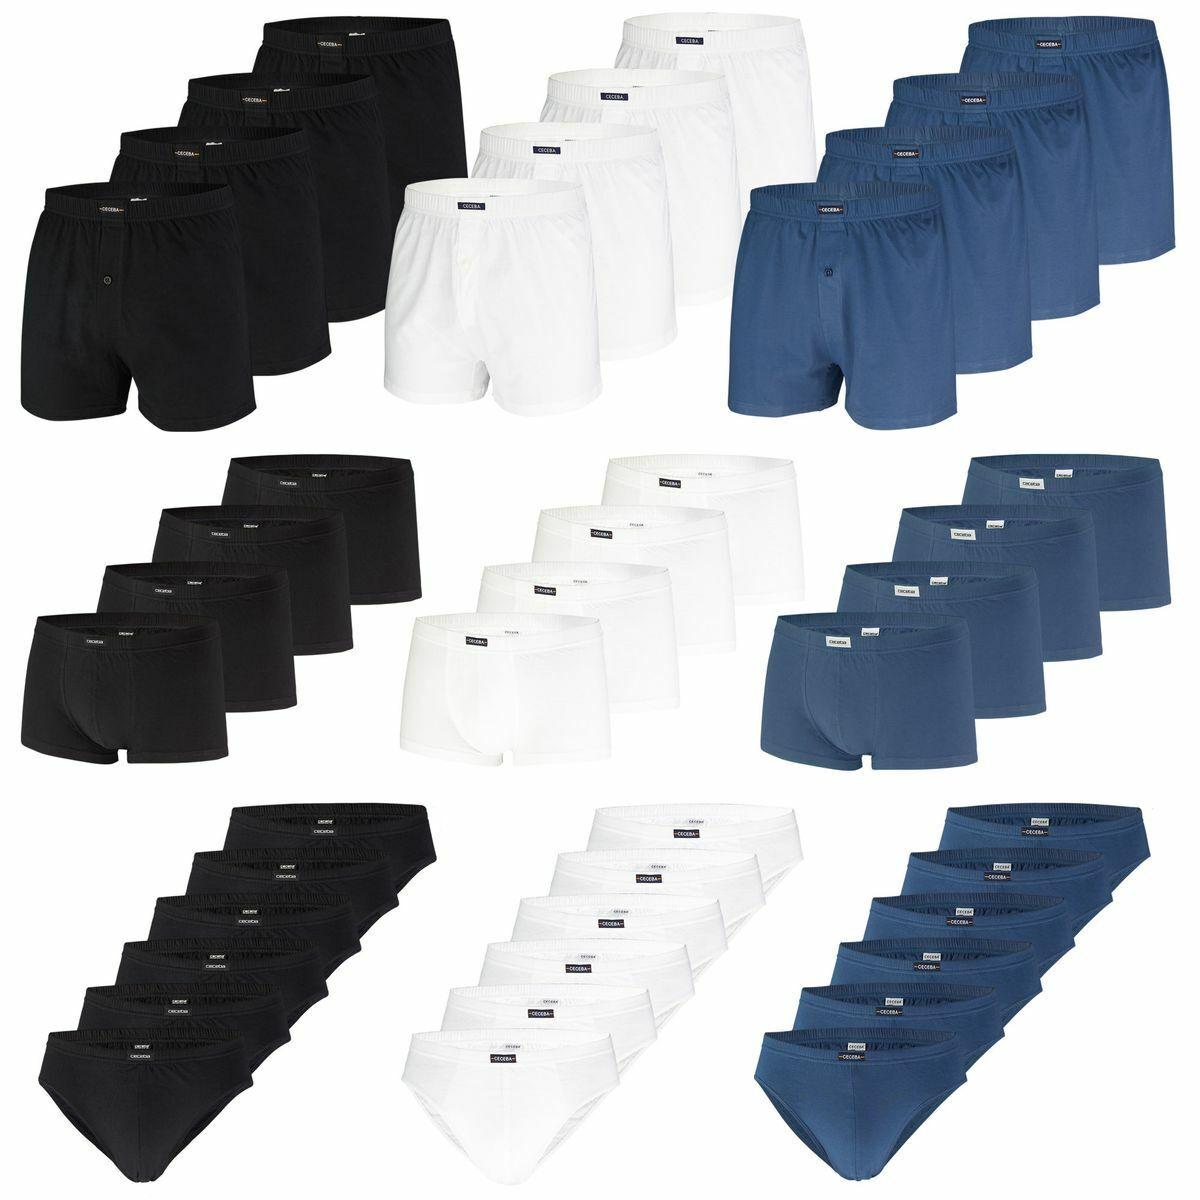 bequeme Herren Slips Pants Boxershorts von CECEBA Baumwolle | auch in Übergrößen